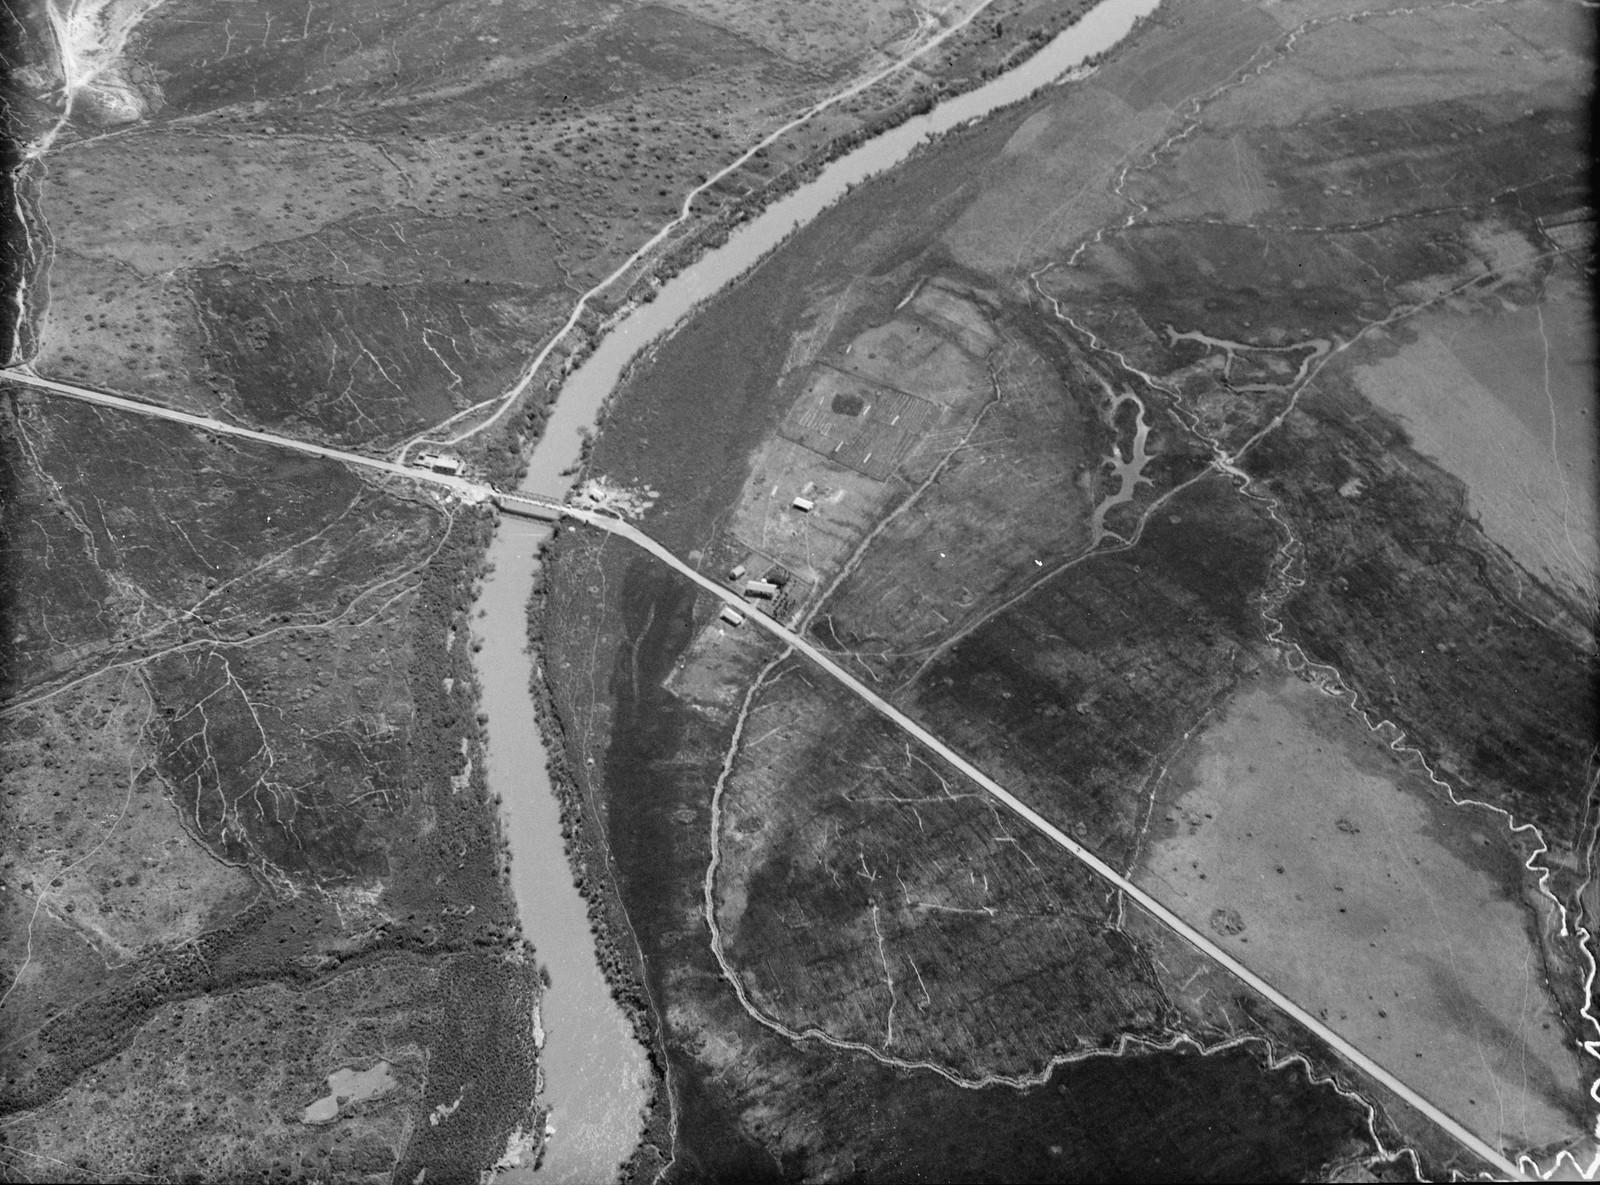 Полет на юг через Иорданский Разлом. Мост шейха Хусейна через Иордан. Пересечение дороги Бейт-Шеан - Ирбид